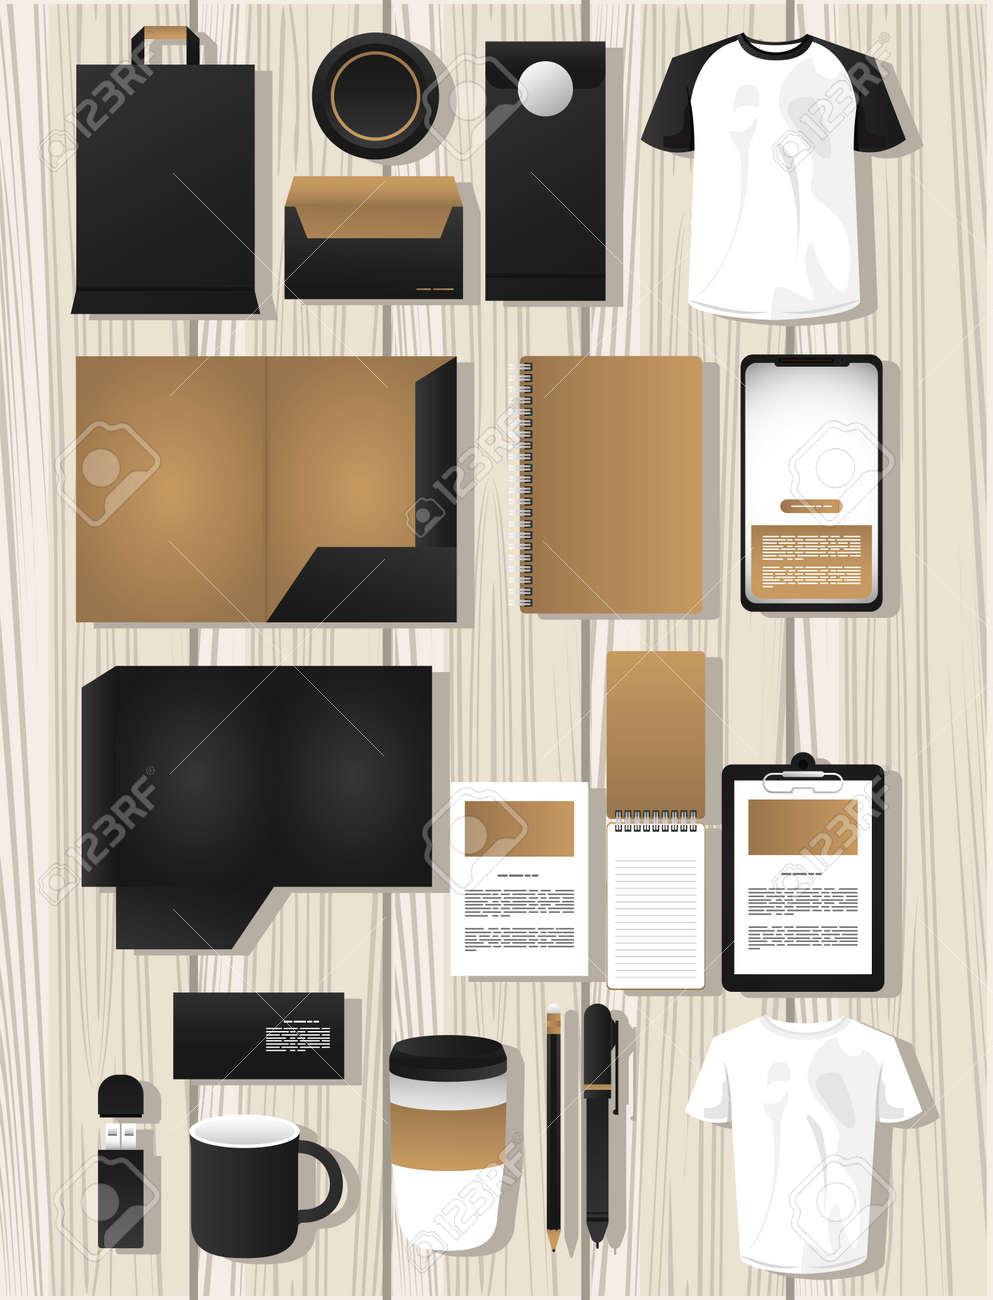 bundle of mockup elements branding vector illustration design - 157973847